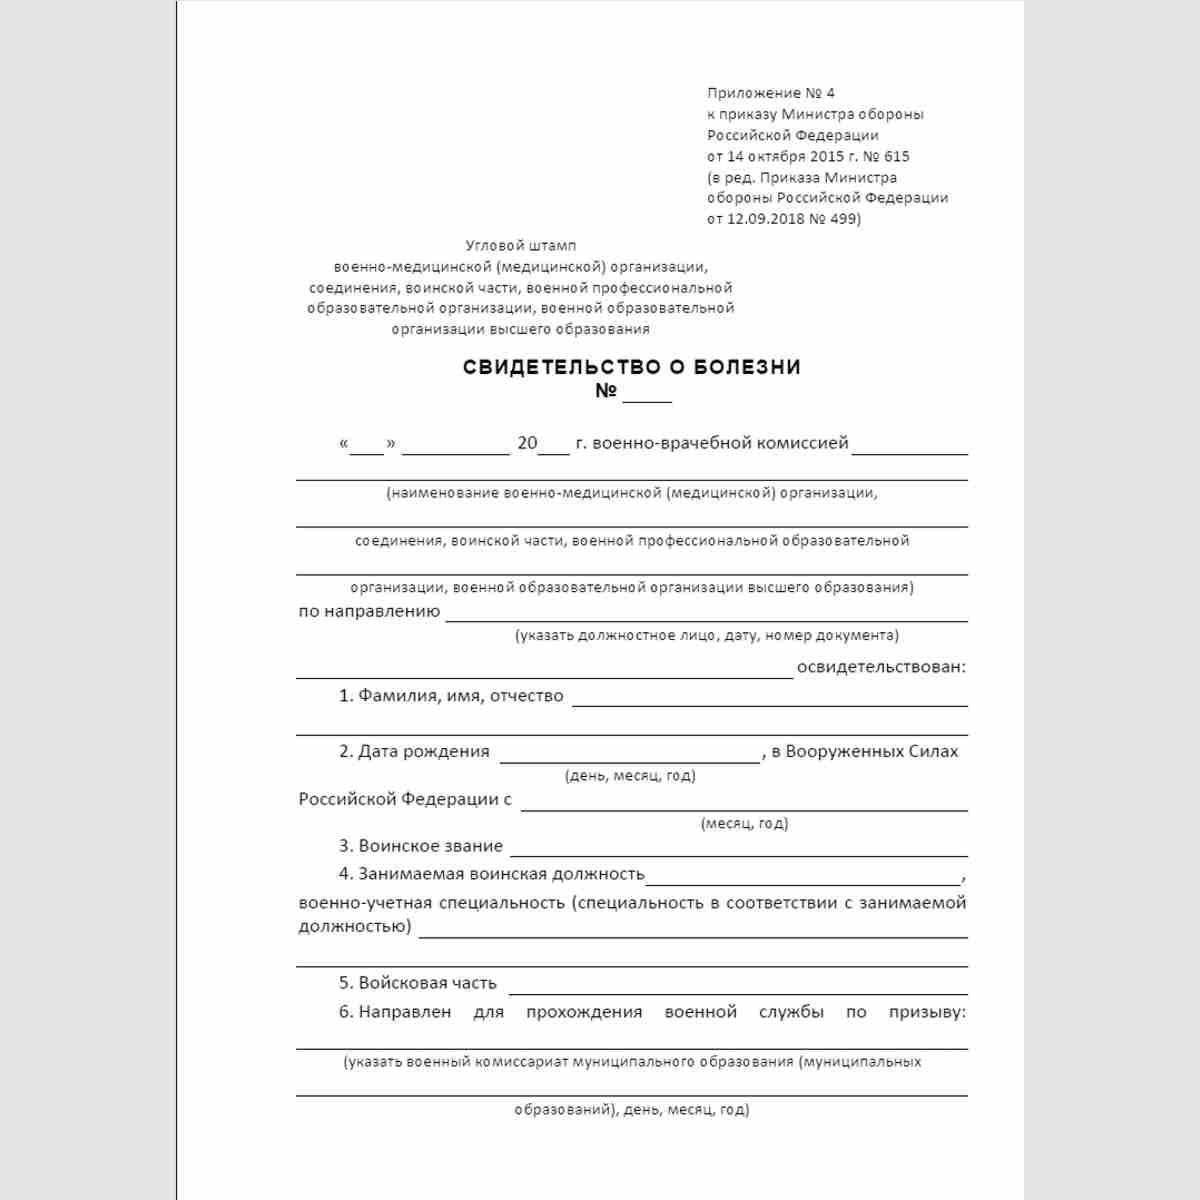 """Форма """"Свидетельство о болезни"""". Стр. 1"""